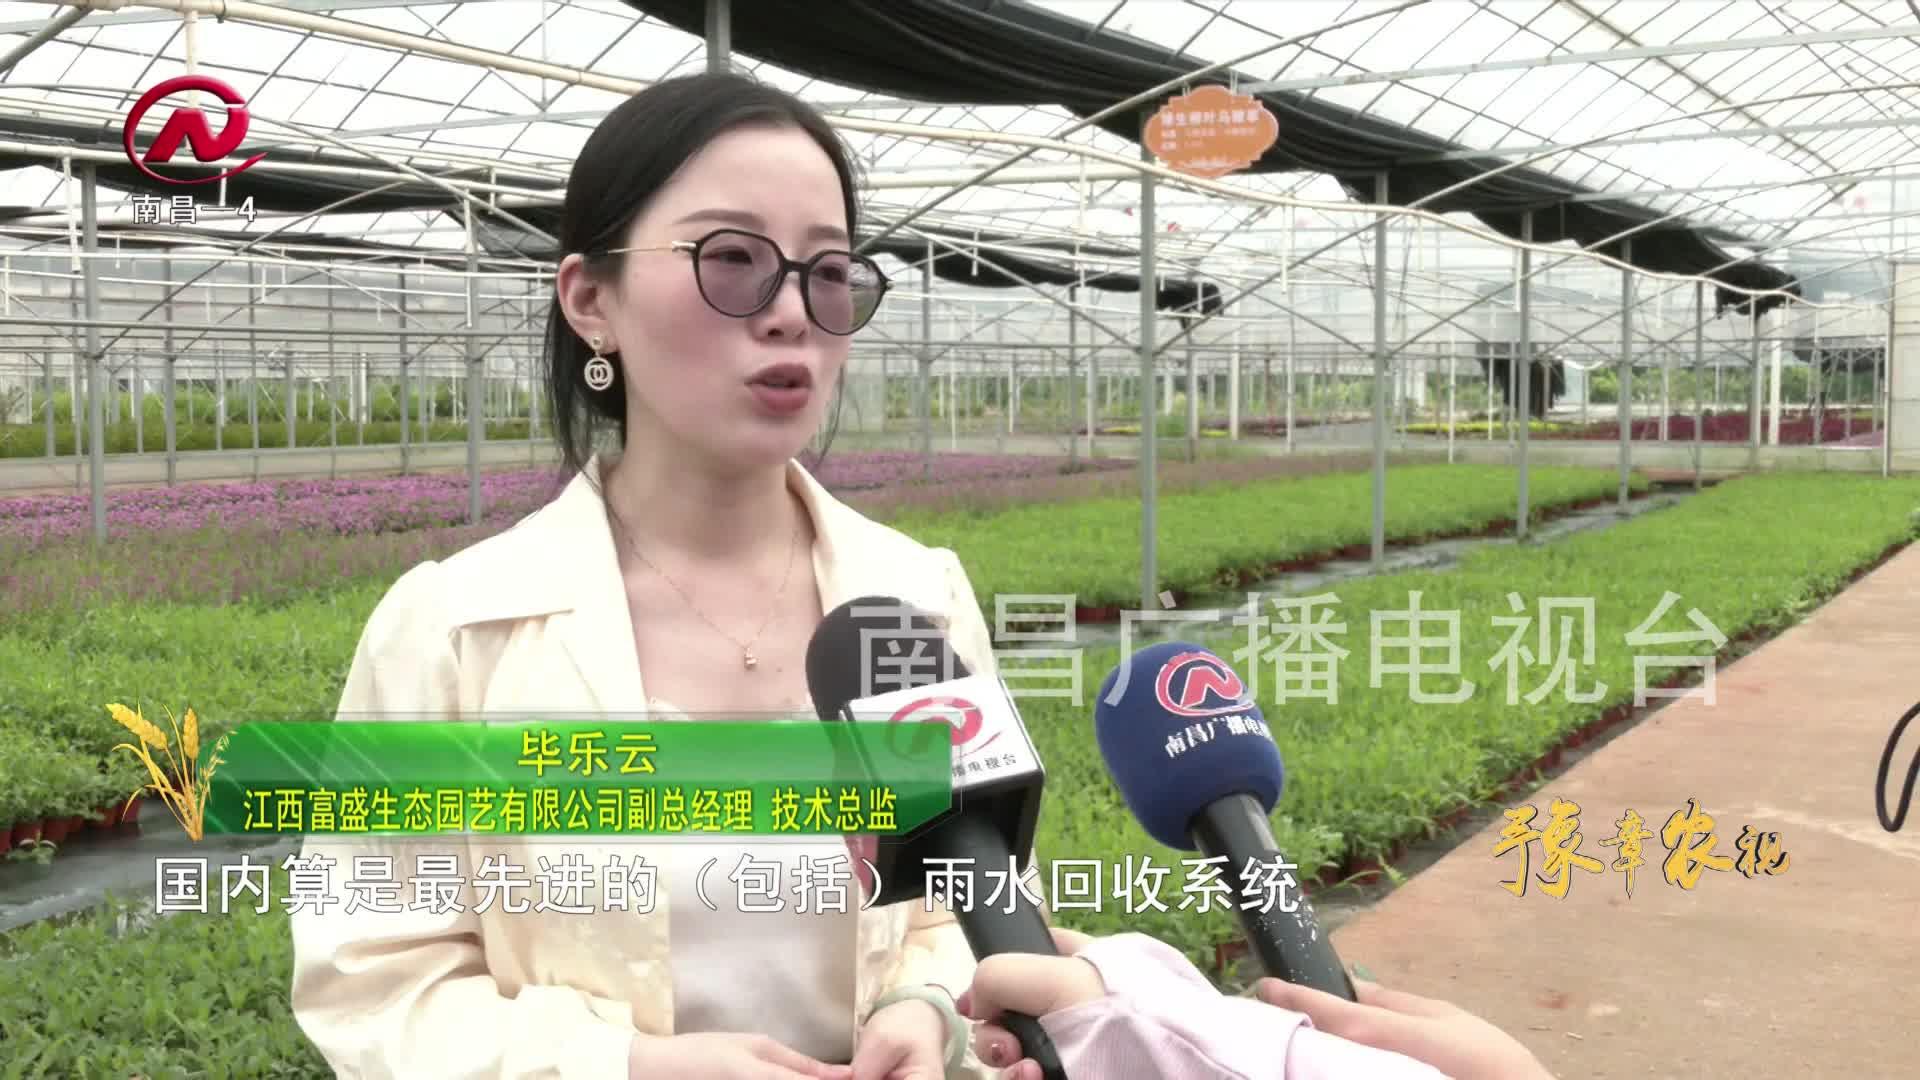 【豫章农视】四大特色产业高质量发展 助力乡村振兴